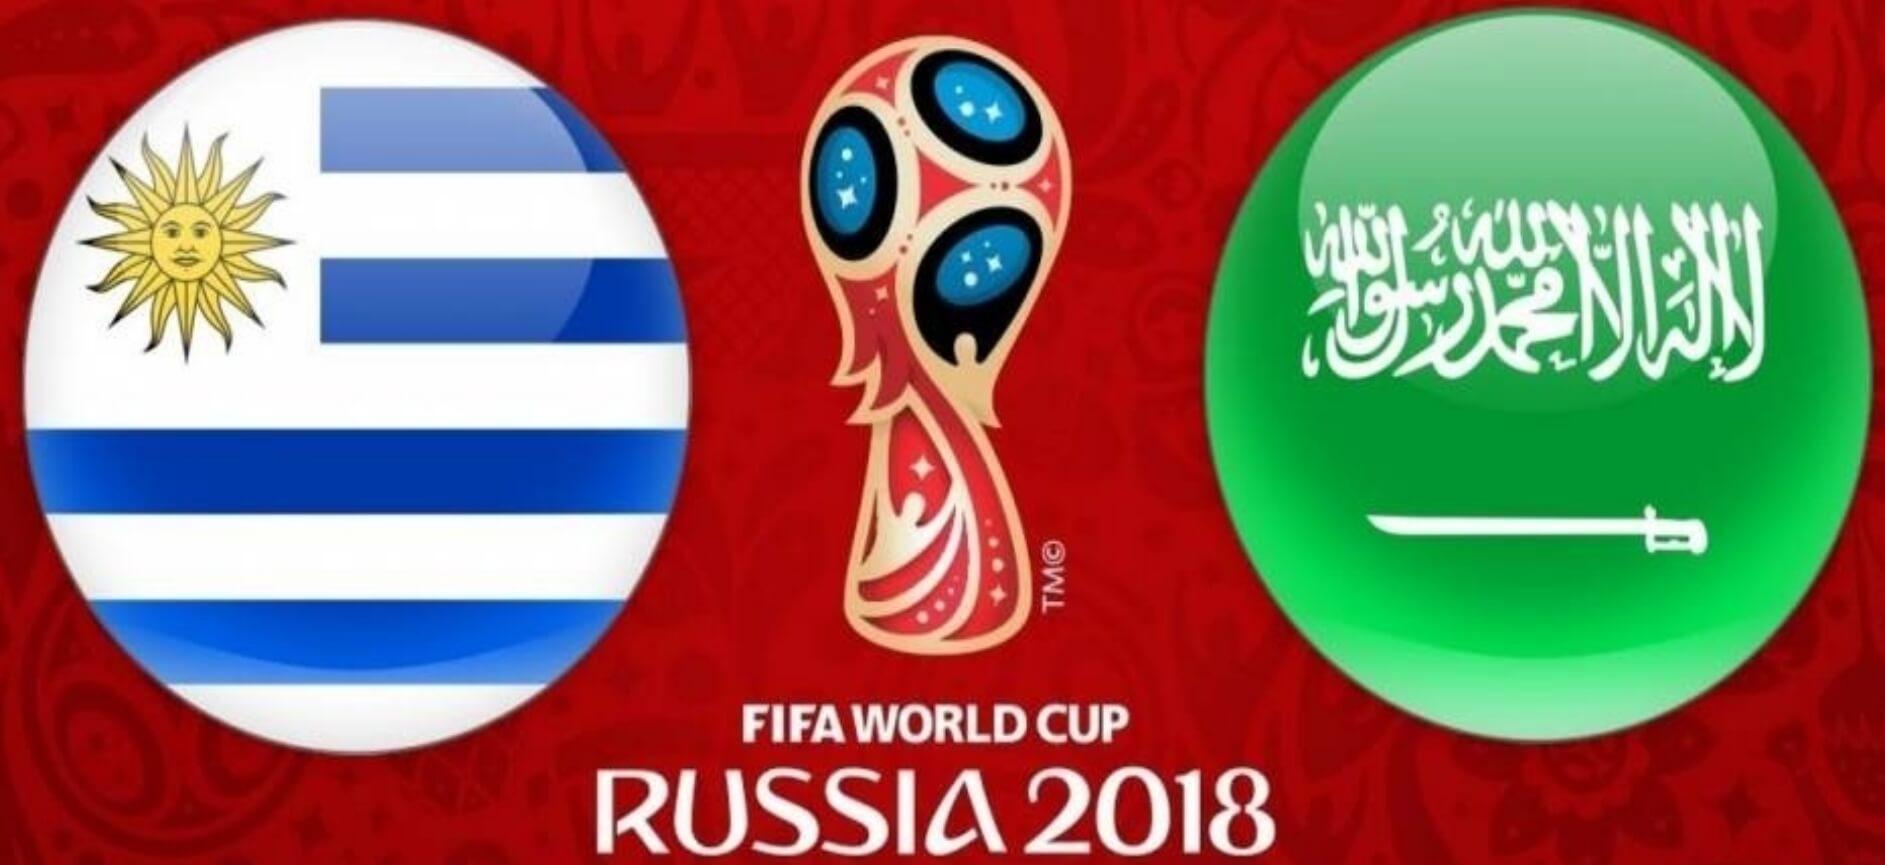 उरुगेआ 1-0 आव सावदि आराबियाखौ फेजेनो